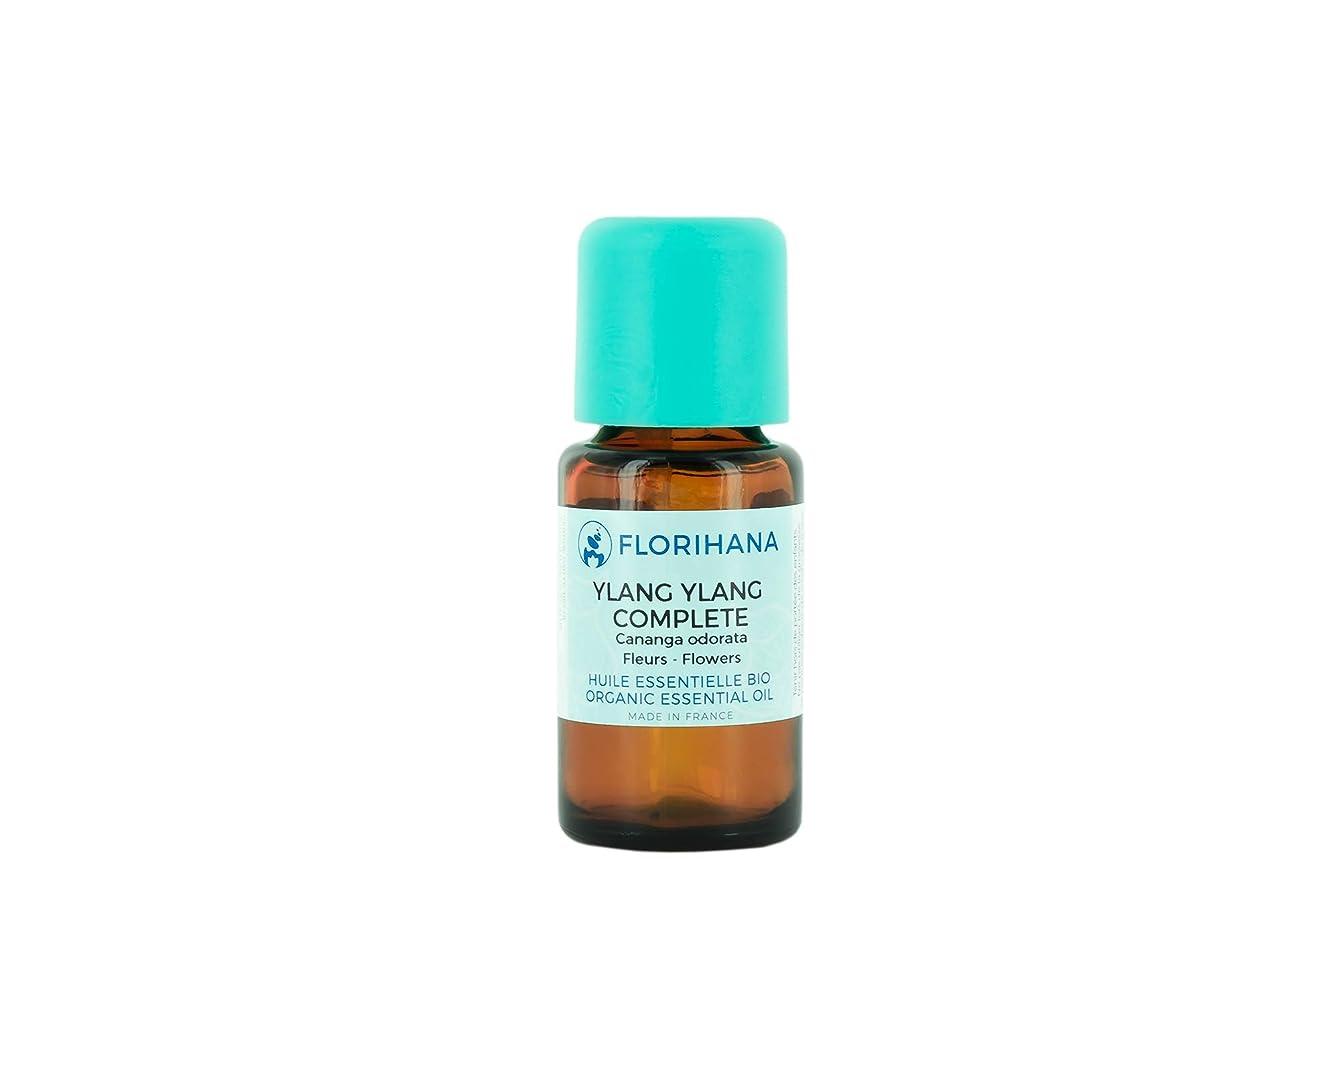 傾いた頭痛オーガニック エッセンシャルオイル イランイランコンプリート 5g(5.4ml)